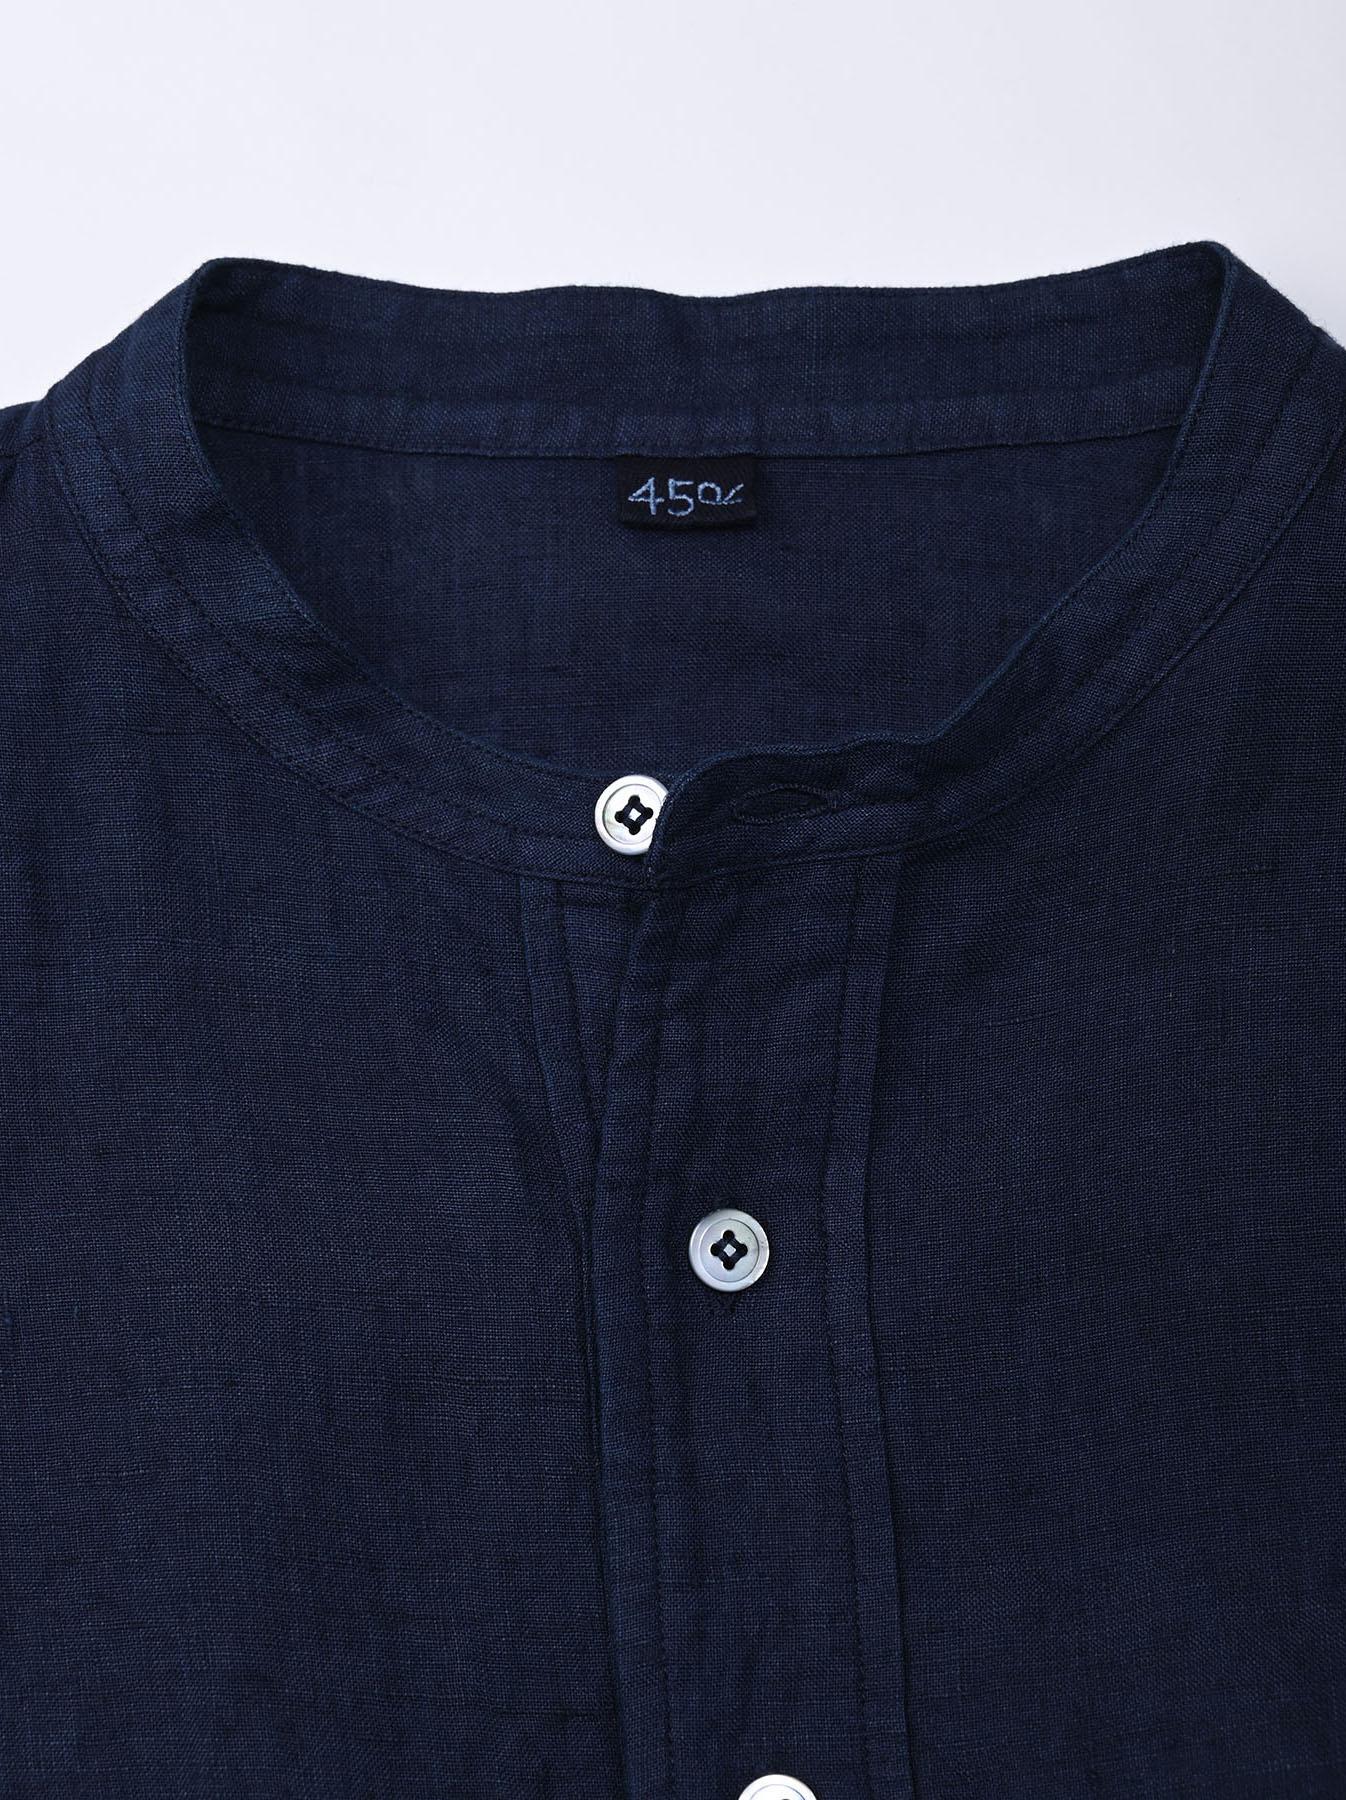 Indigo Indian Linen Flat Big Shirt (0521)-7